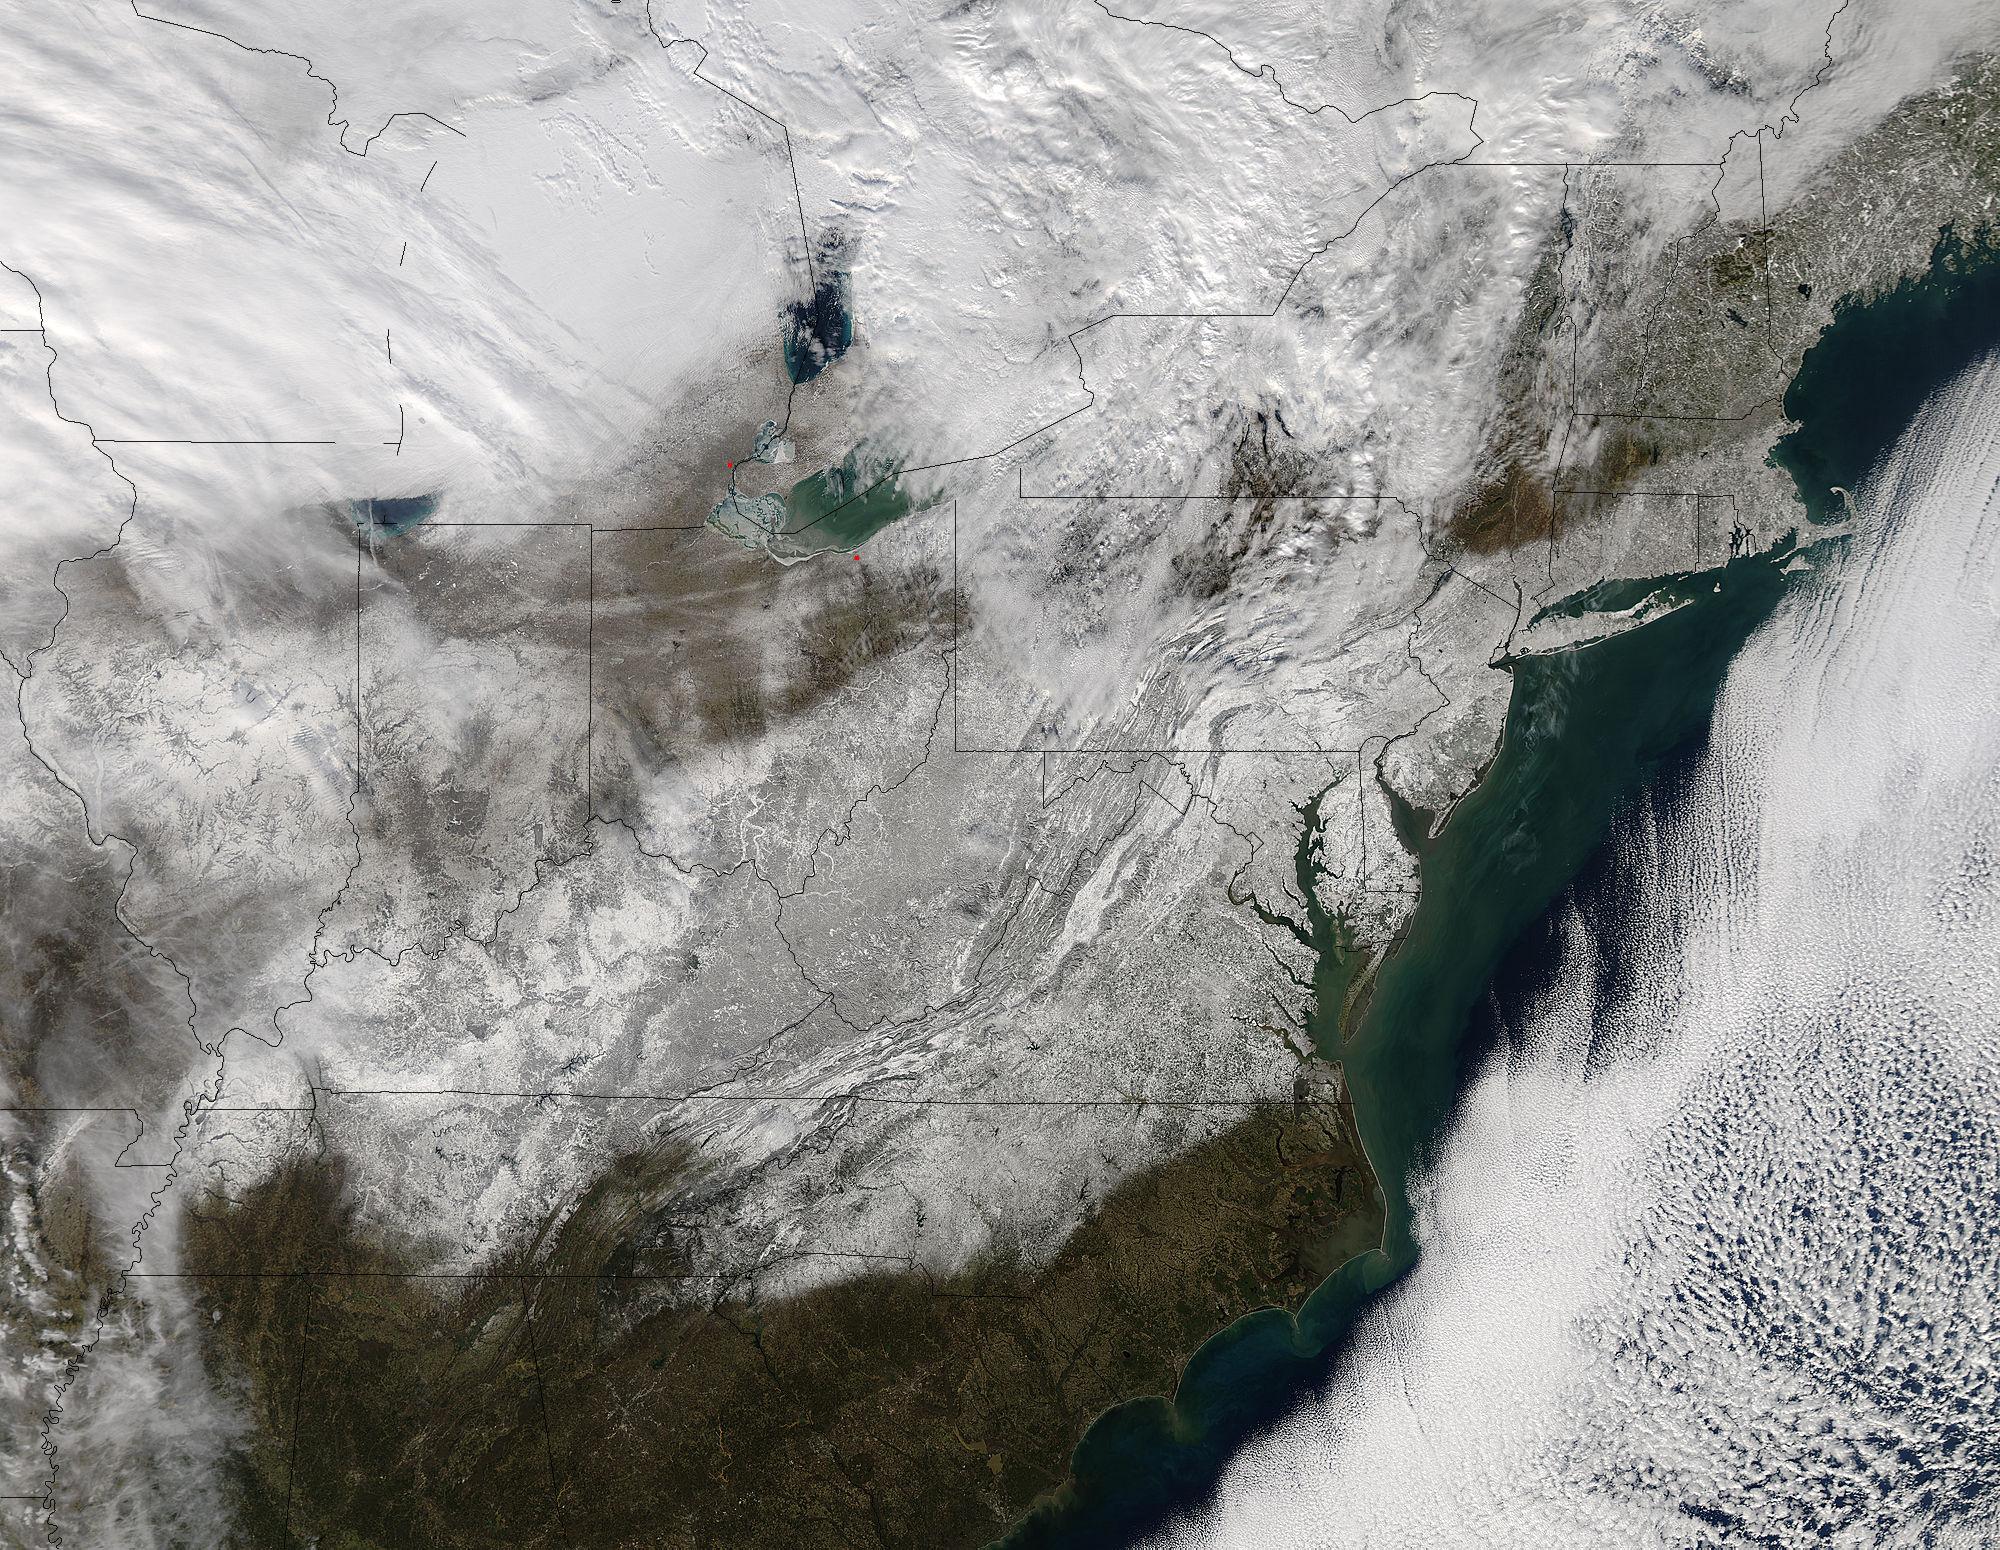 NASA Provides A Look At PostBlizzard Snowfall And Winds NASA - Us snow coverage map